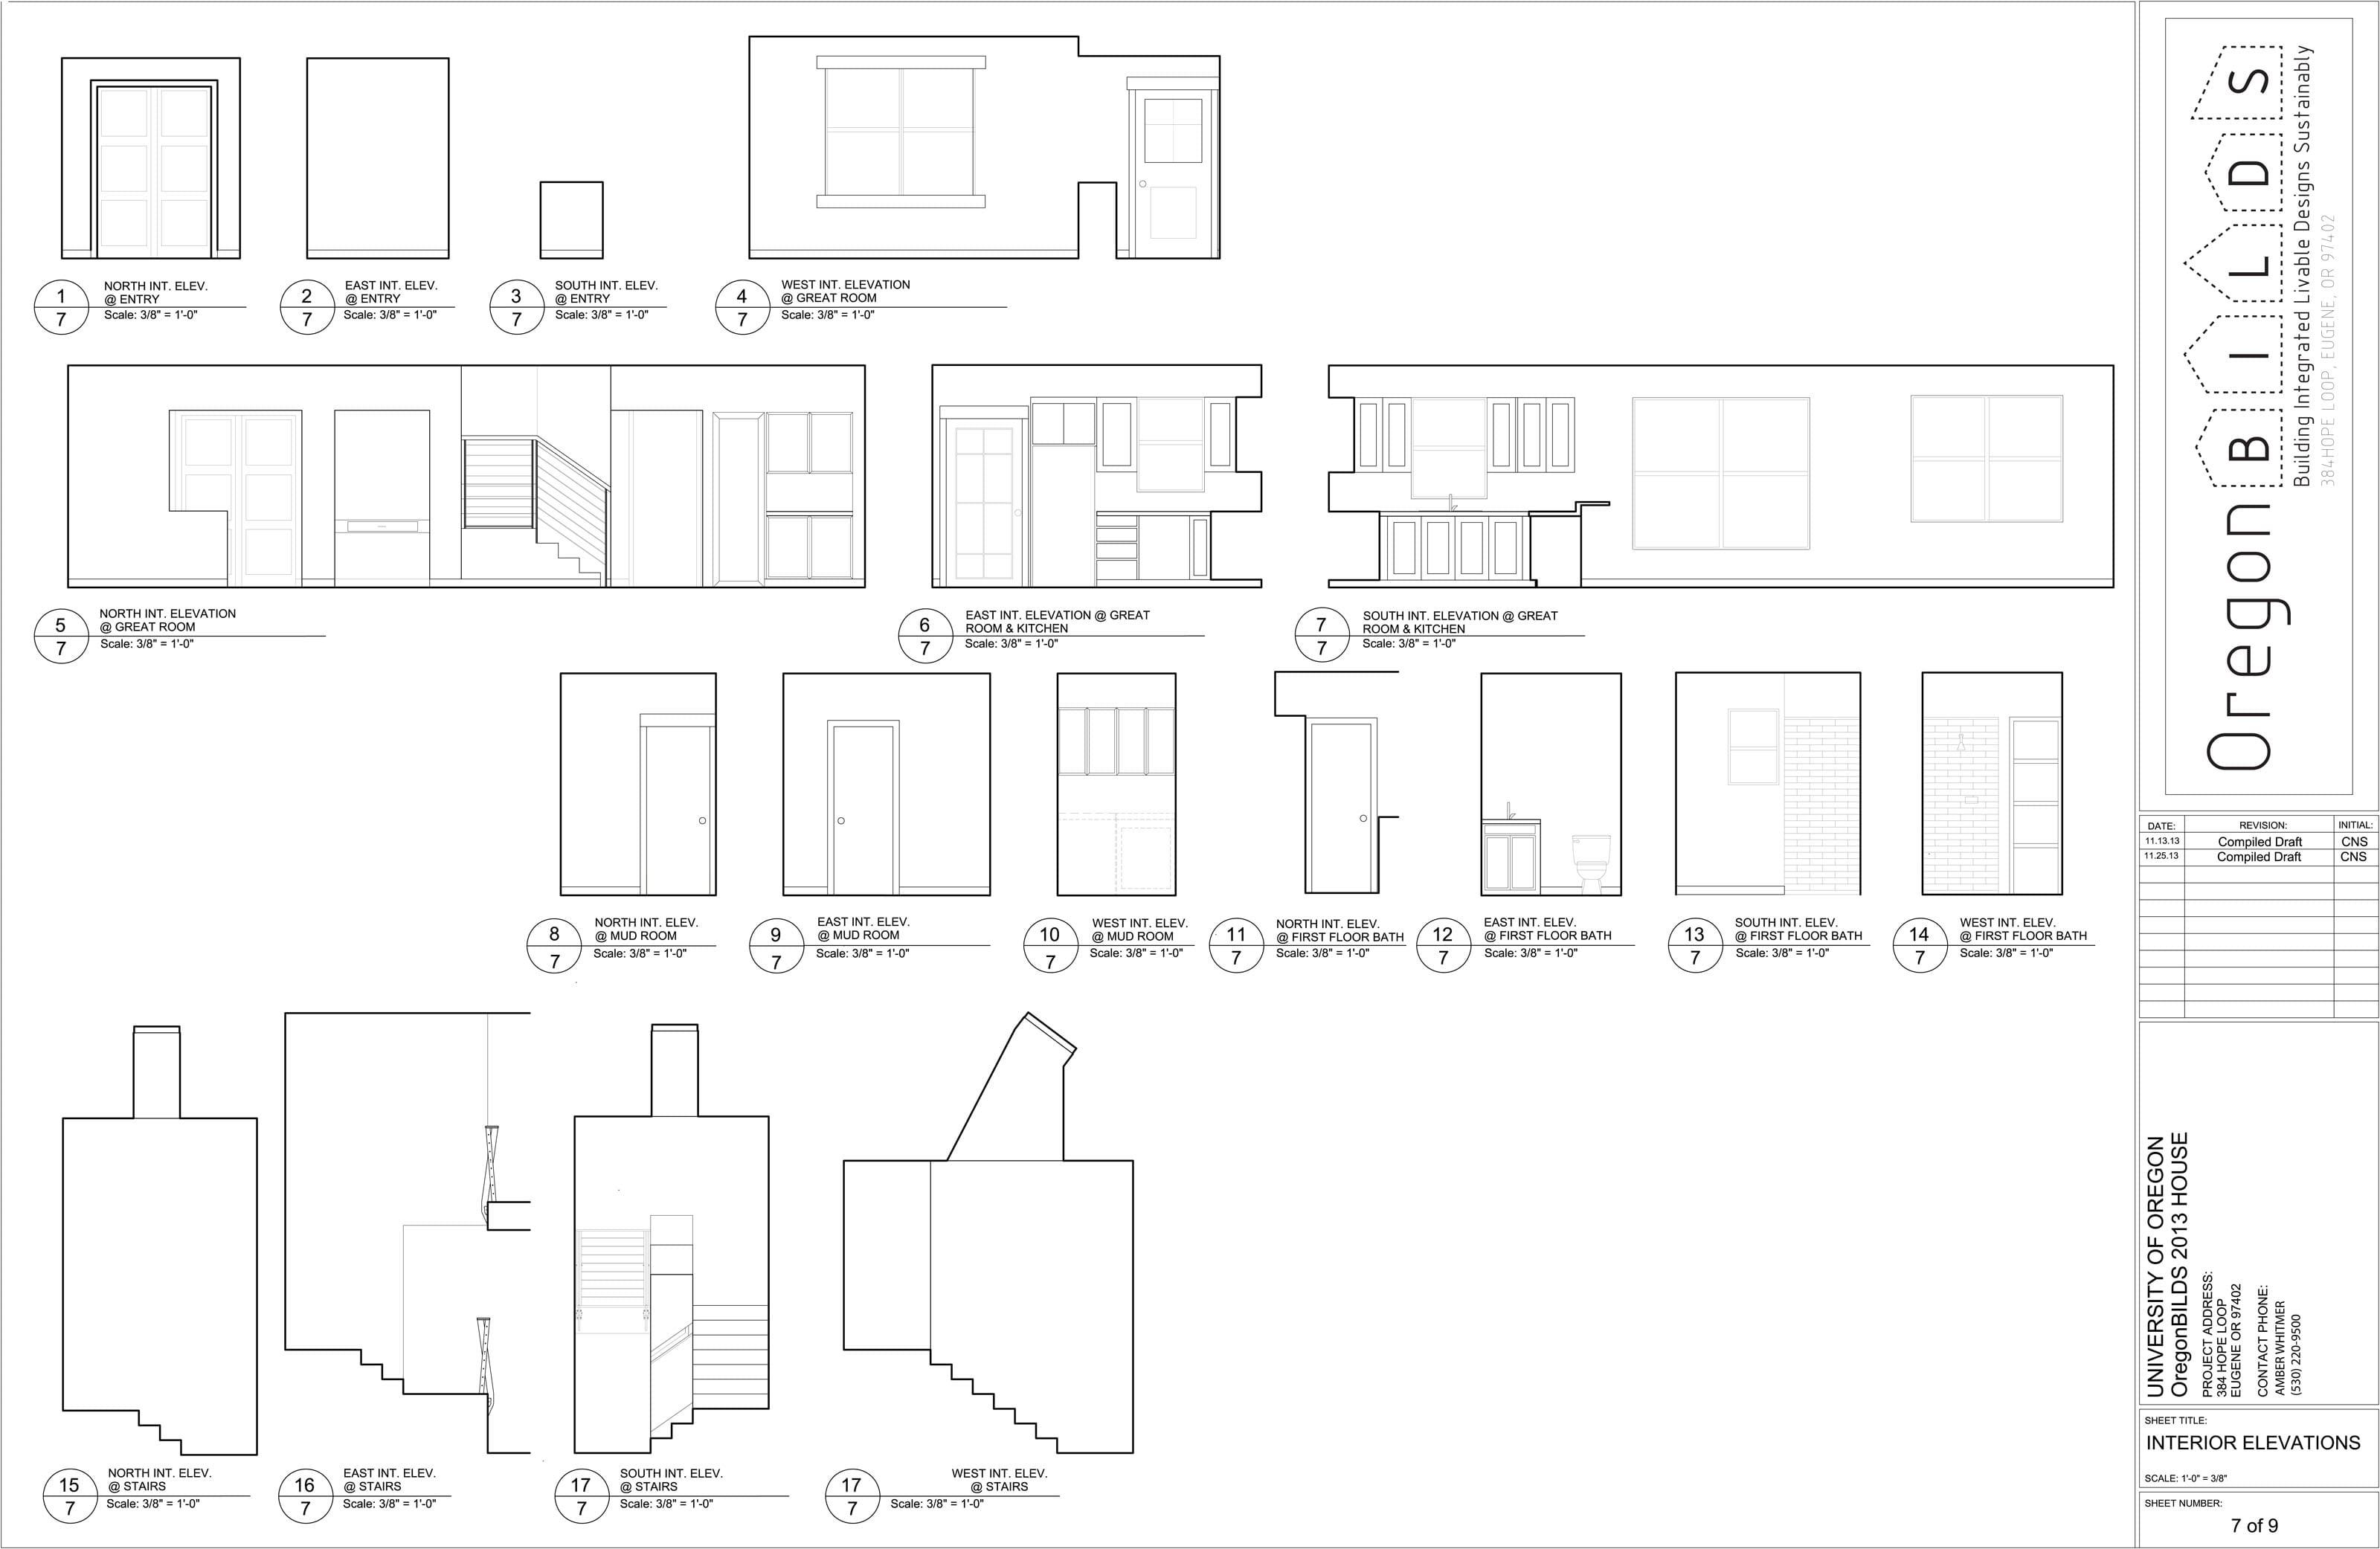 7_interiors 1